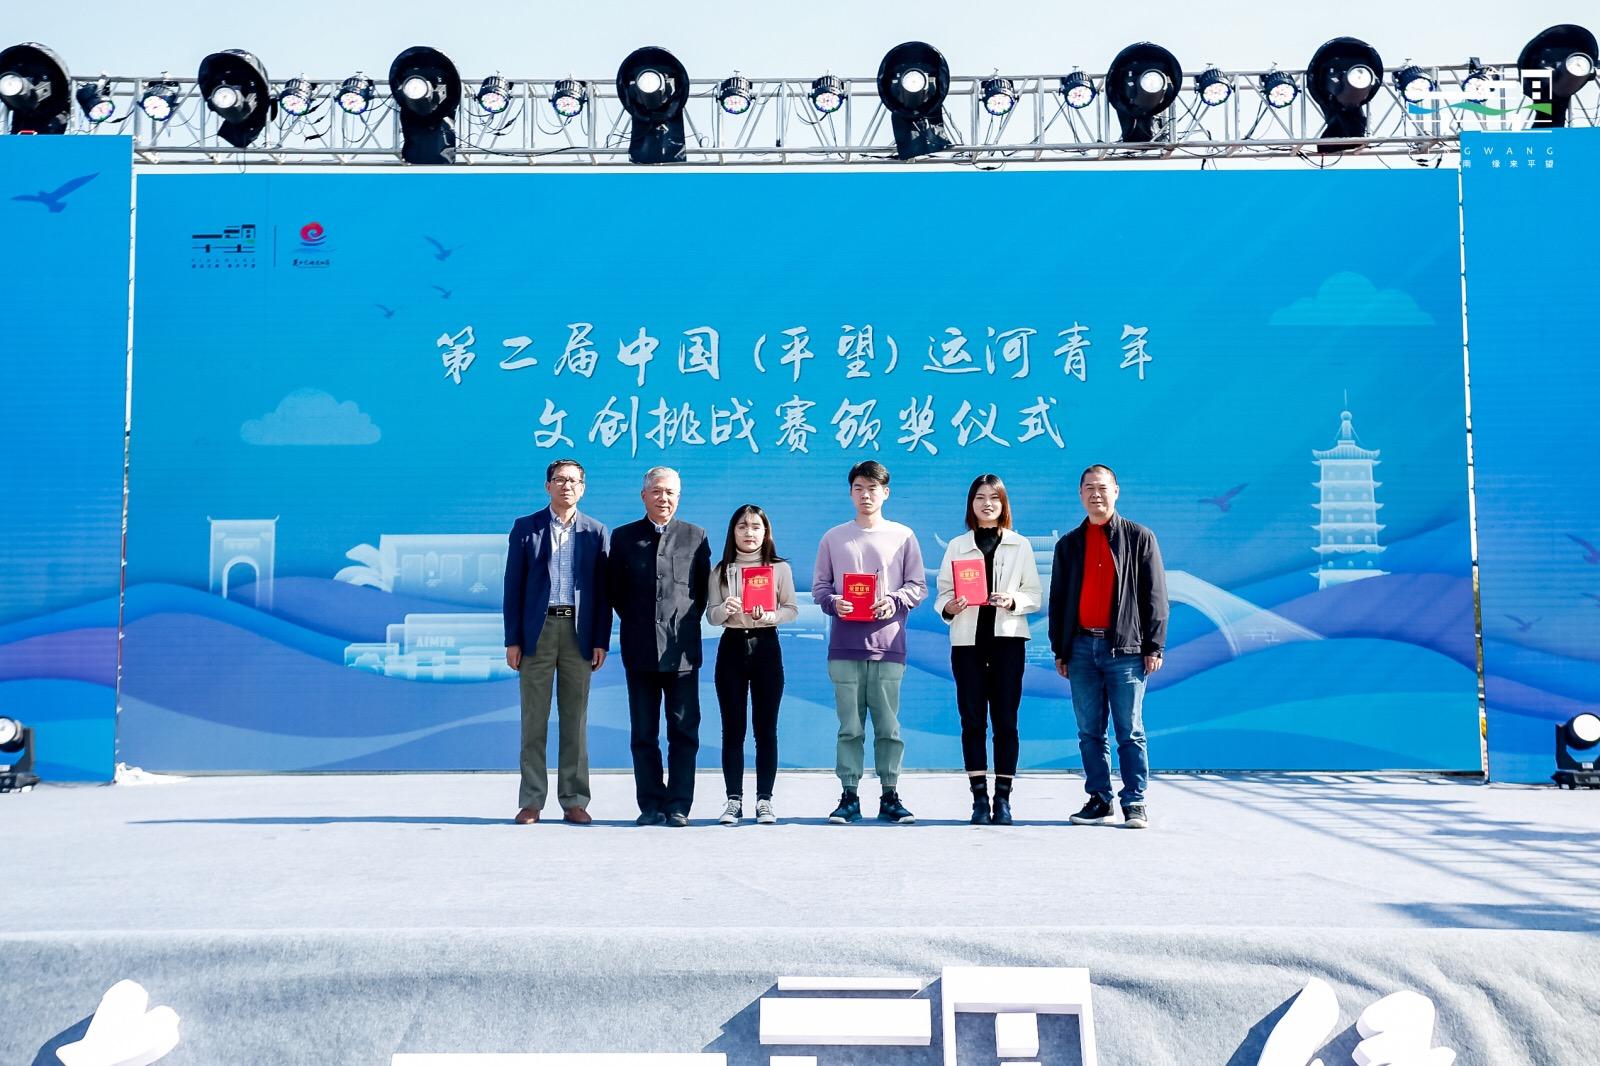 第二届中国(平望)运河青年文创挑战赛颁奖仪式